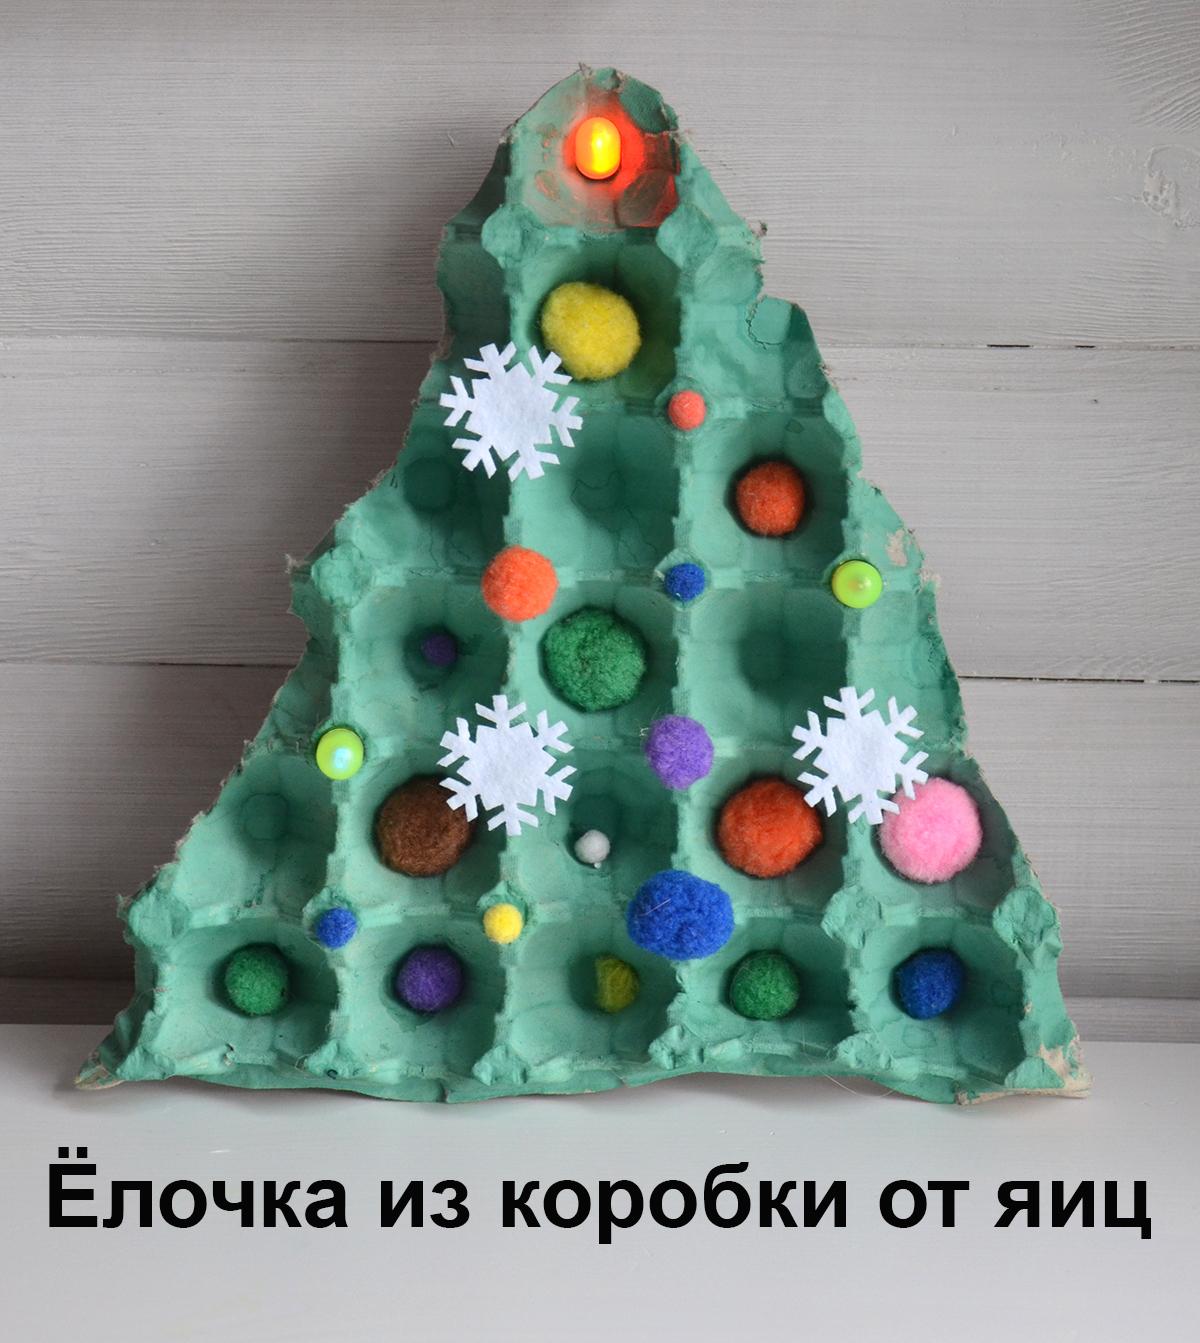 Ёлочка из коробки от яиц. С детьми, поделка к Новому году, делаем сами, новогодняя елочка, помпоны, с лампочками